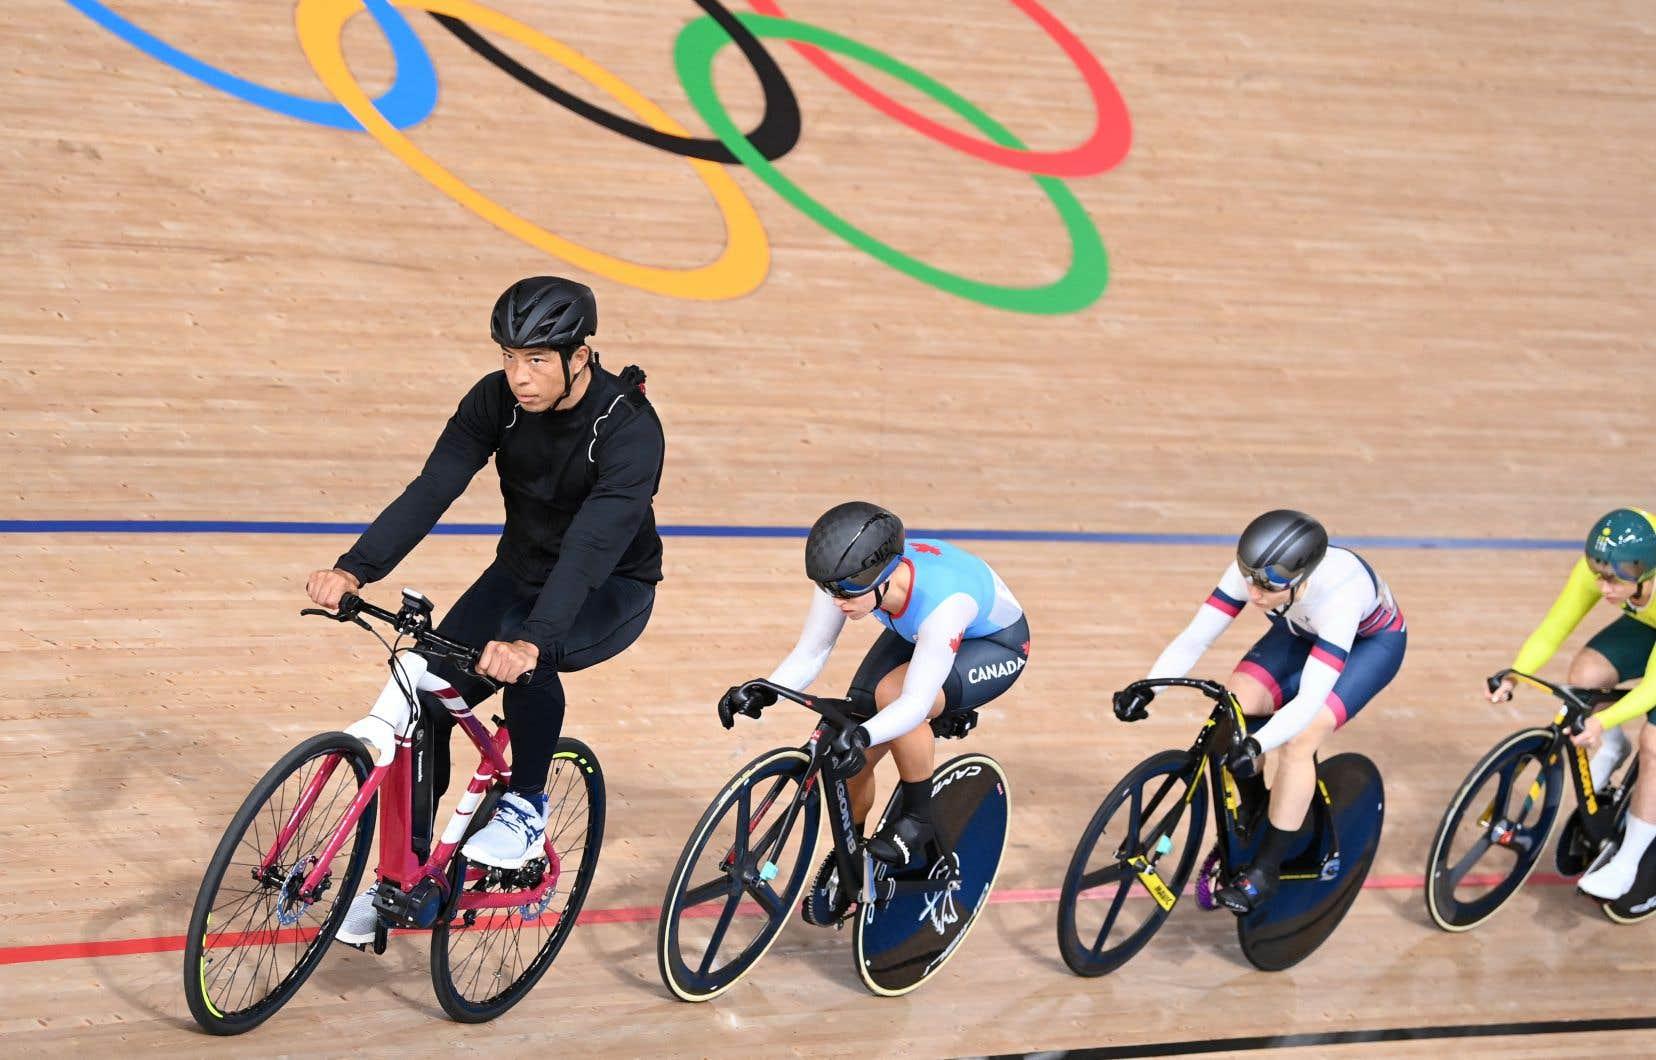 Jamais avant elle une cycliste canadienne n'était montée sur le podium de cette épreuve aux Jeux olympiques.